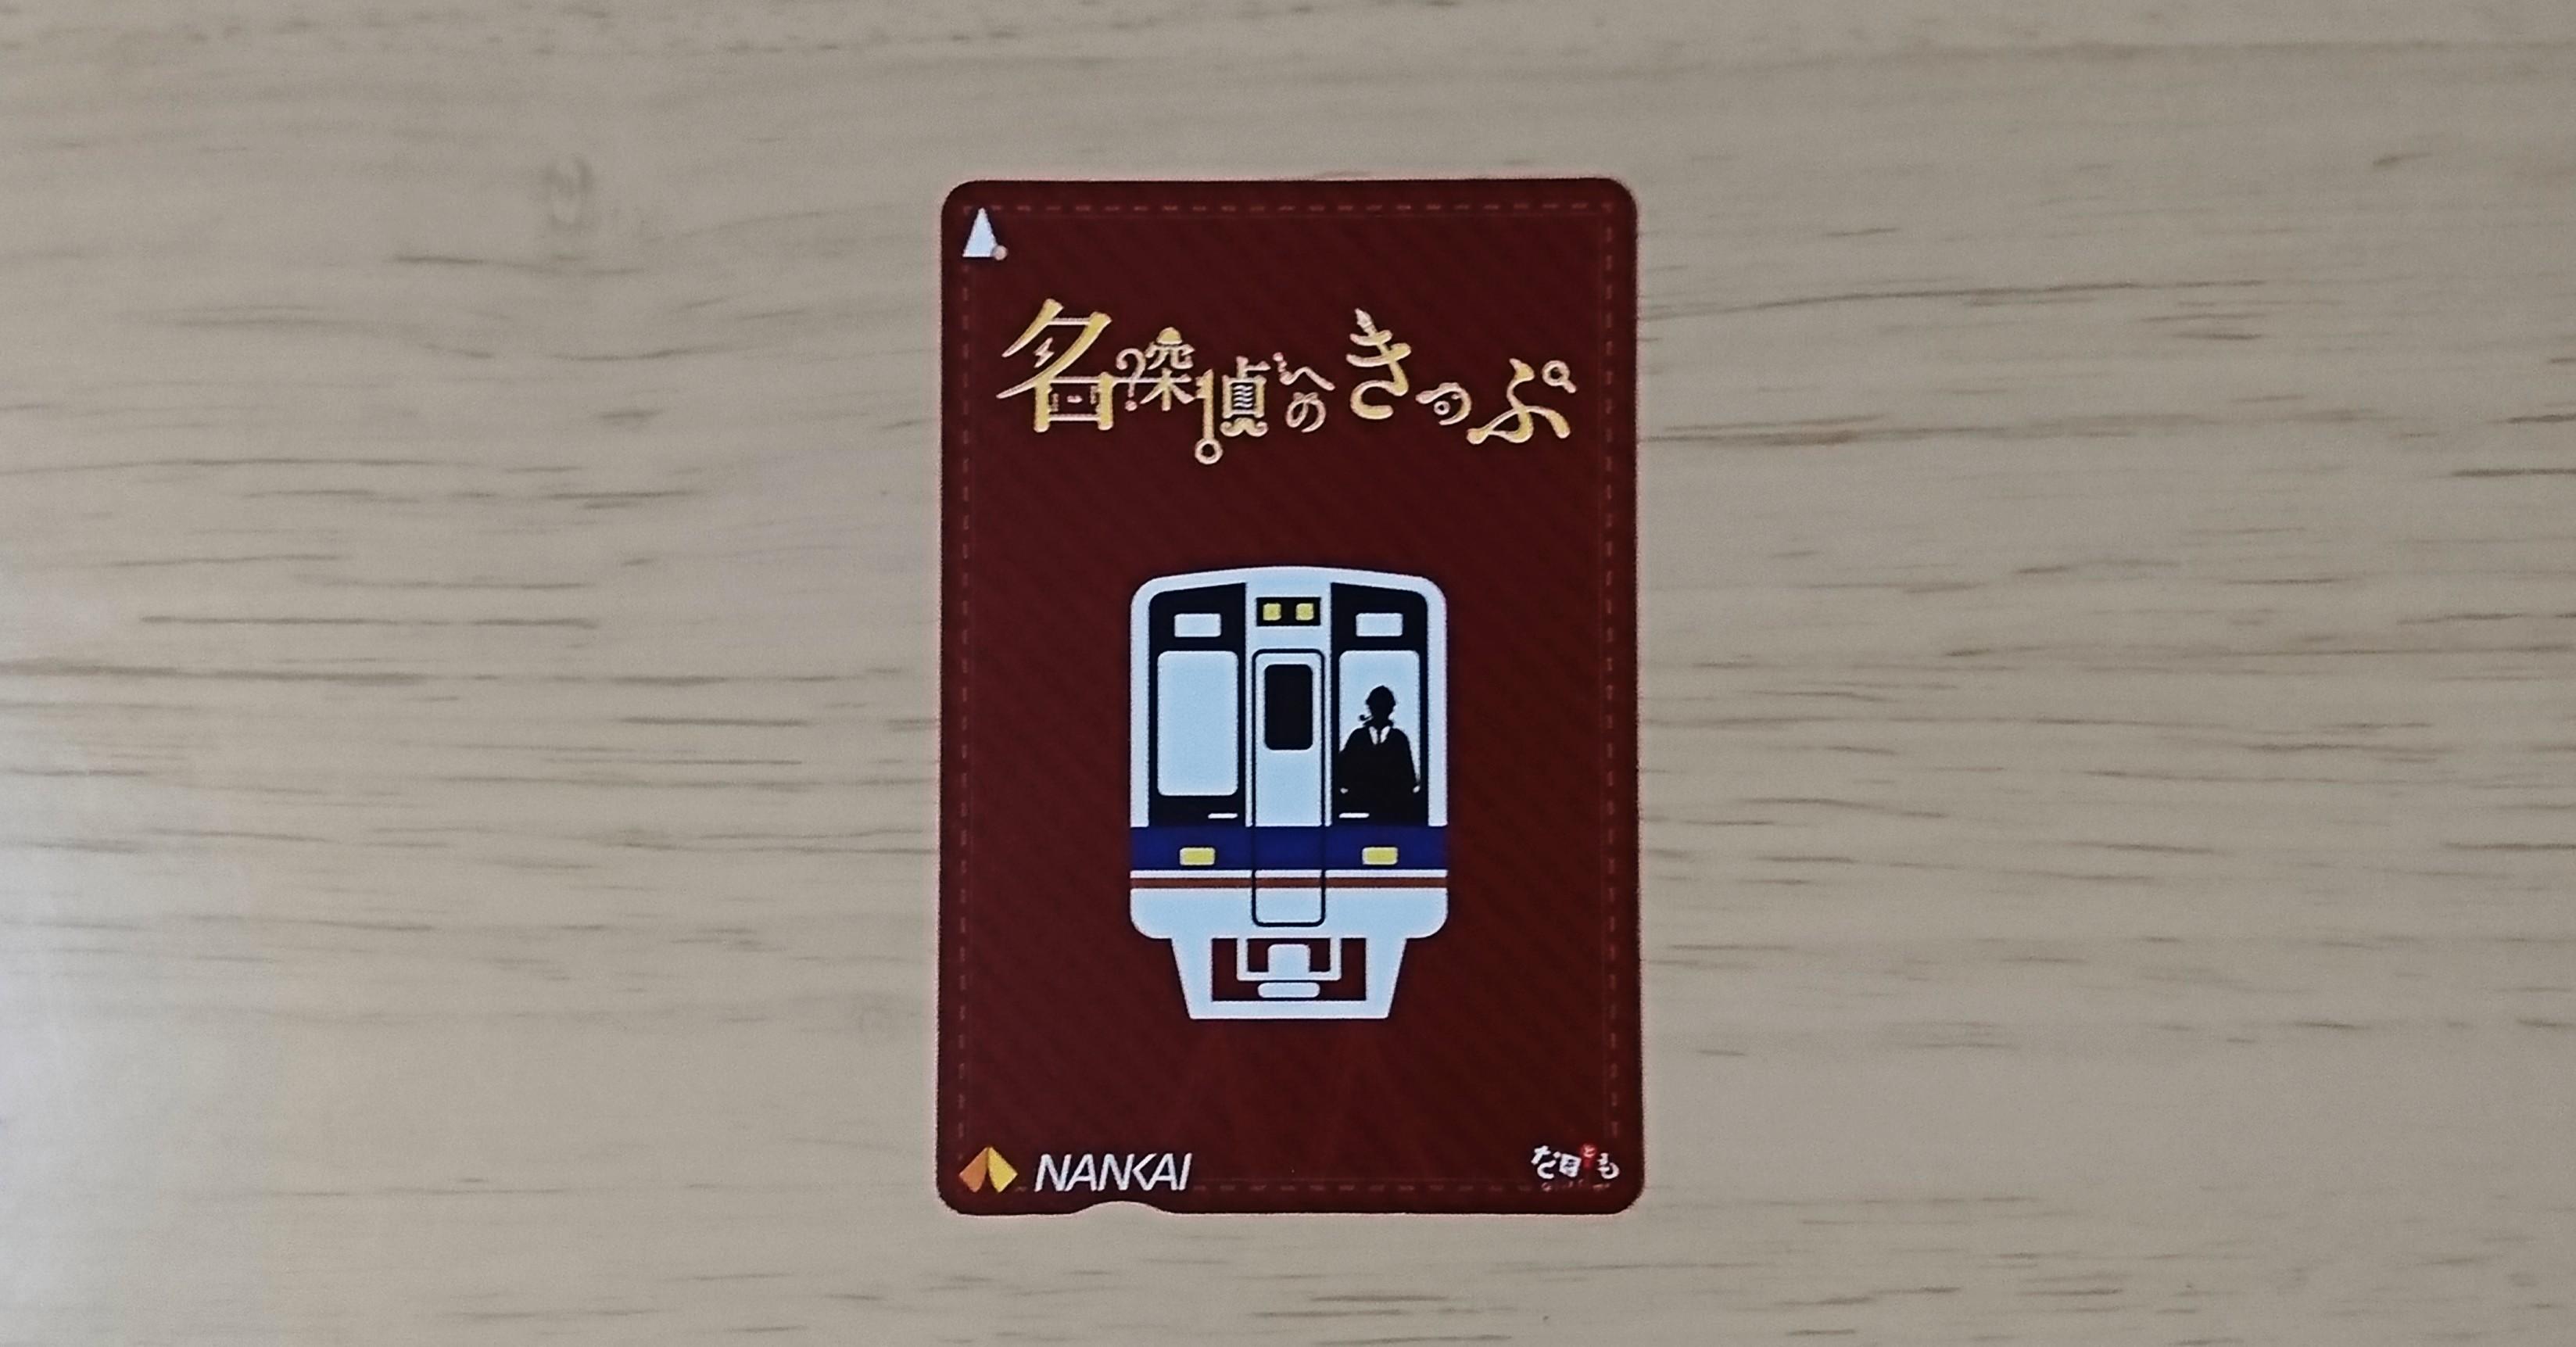 南海電車謎解き「名探偵へのきっぷ」の感想と難易度や所要時間は?